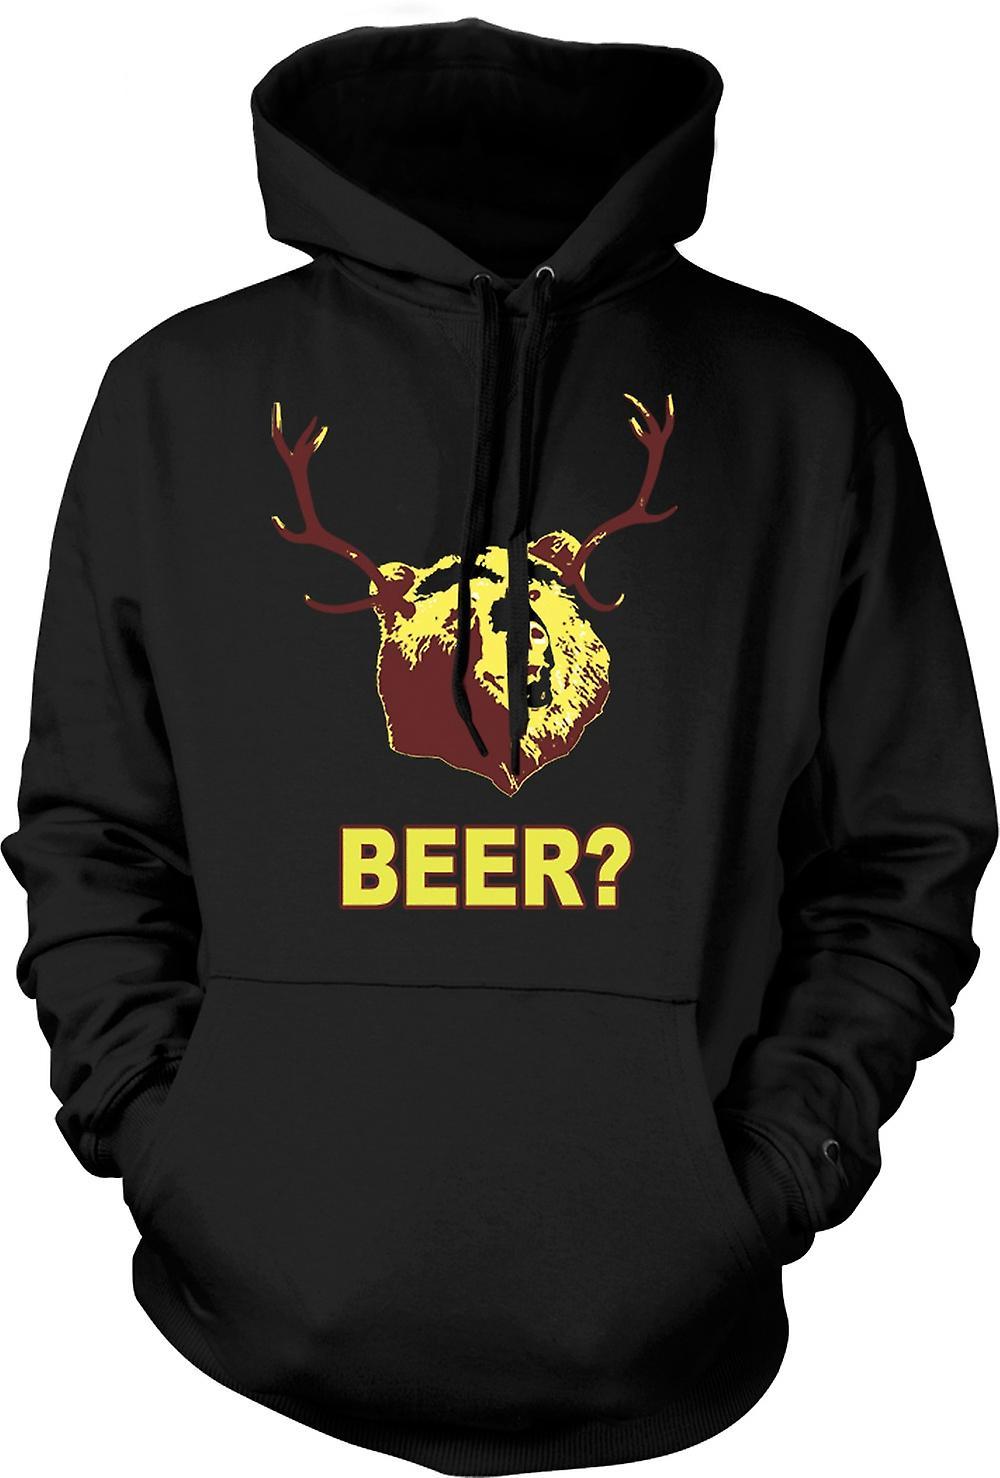 Mens Hoodie - BEER Bear Funny Drinking